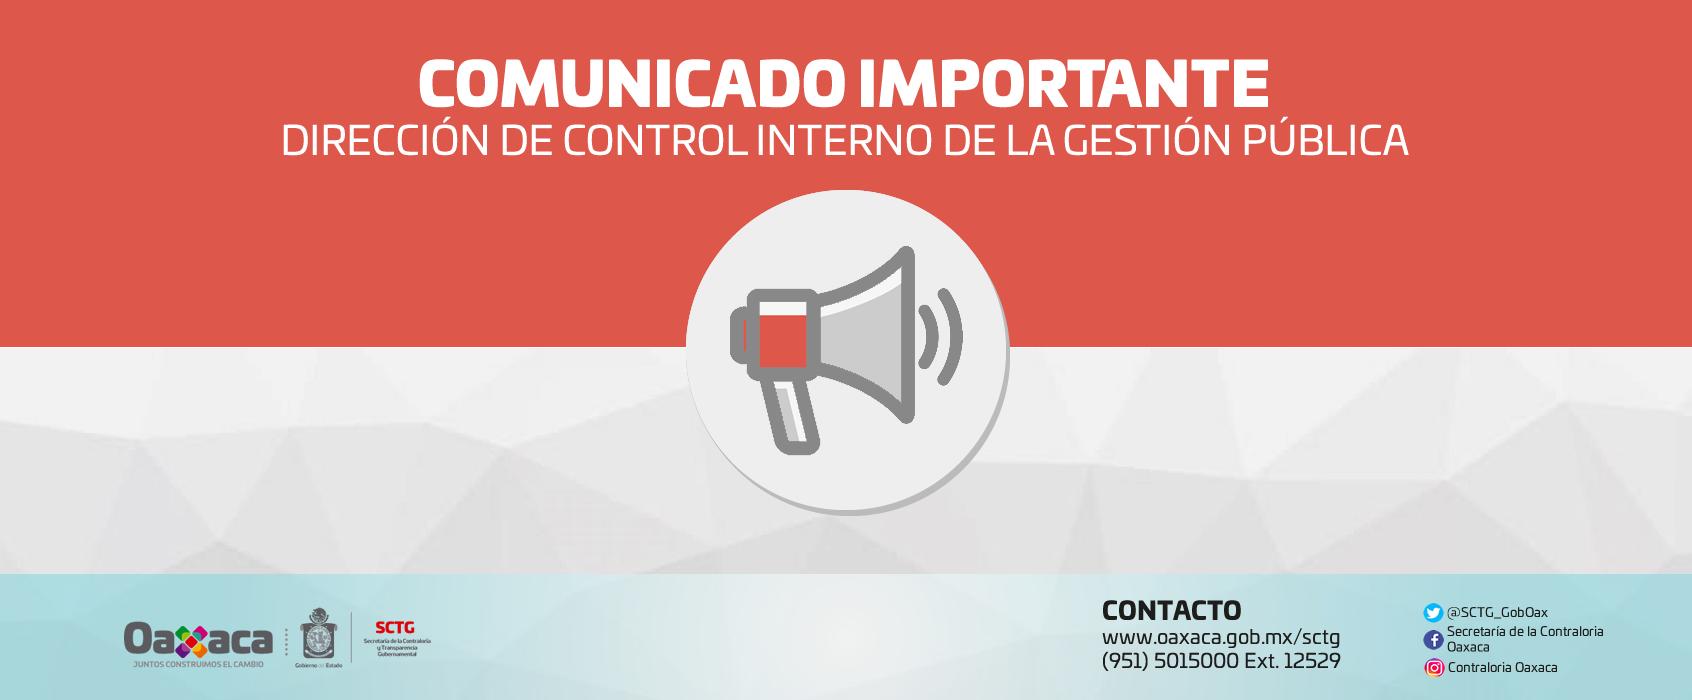 Comunicado Importante DCIGP